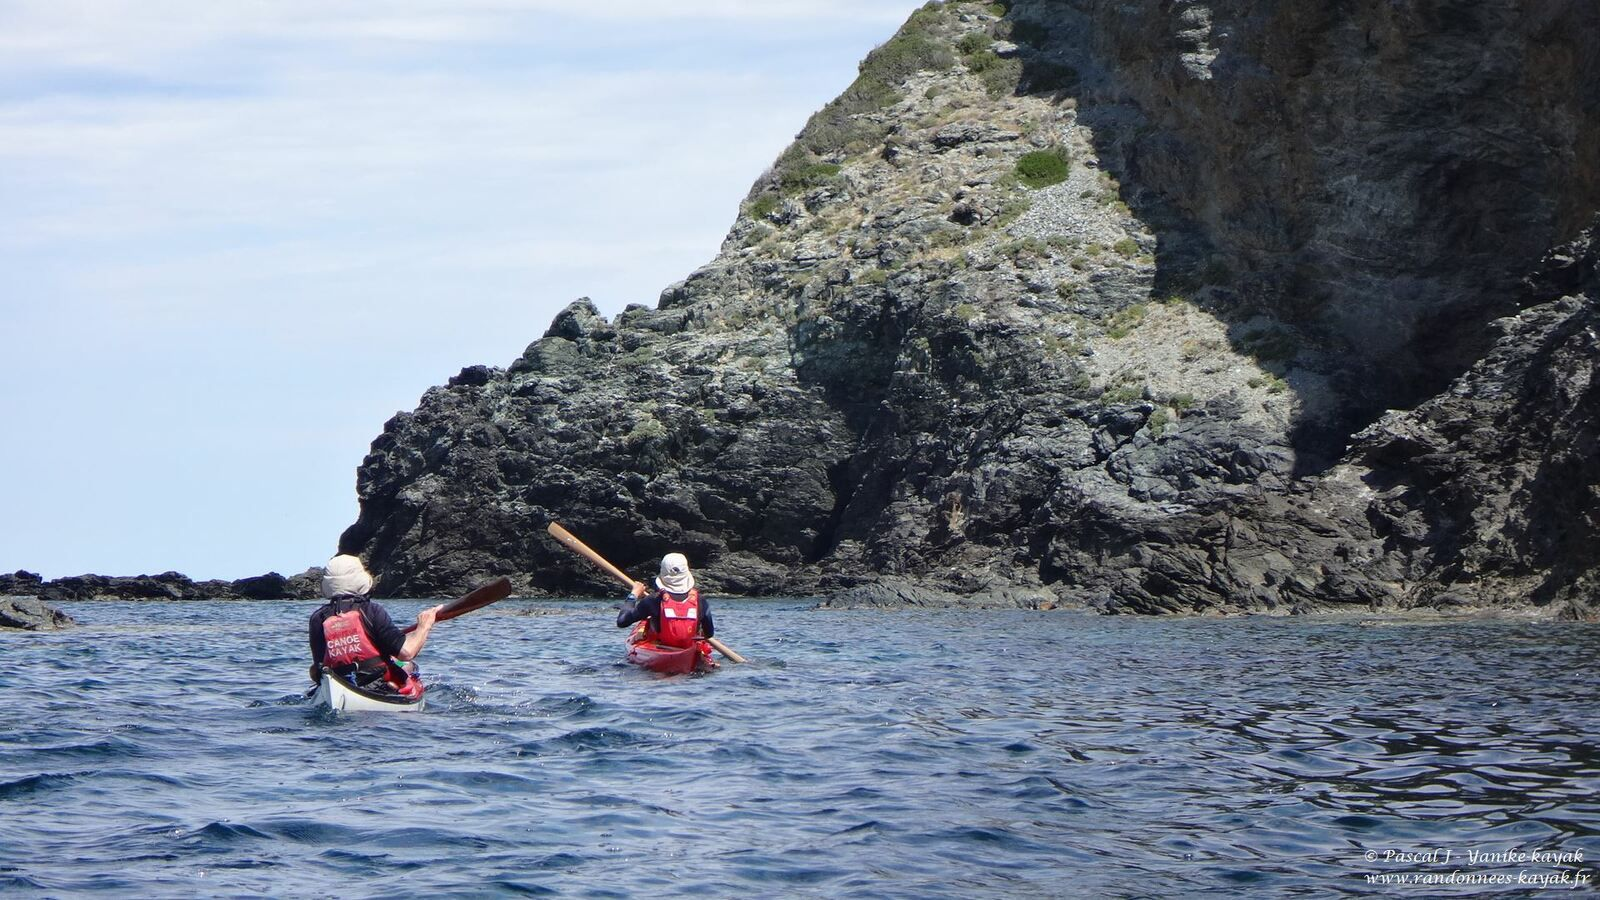 Corsica 2021, la beauté, essentielle, de la nature - Chapitre 4 : le Cap Corse, de Saint-Florent à Centuri